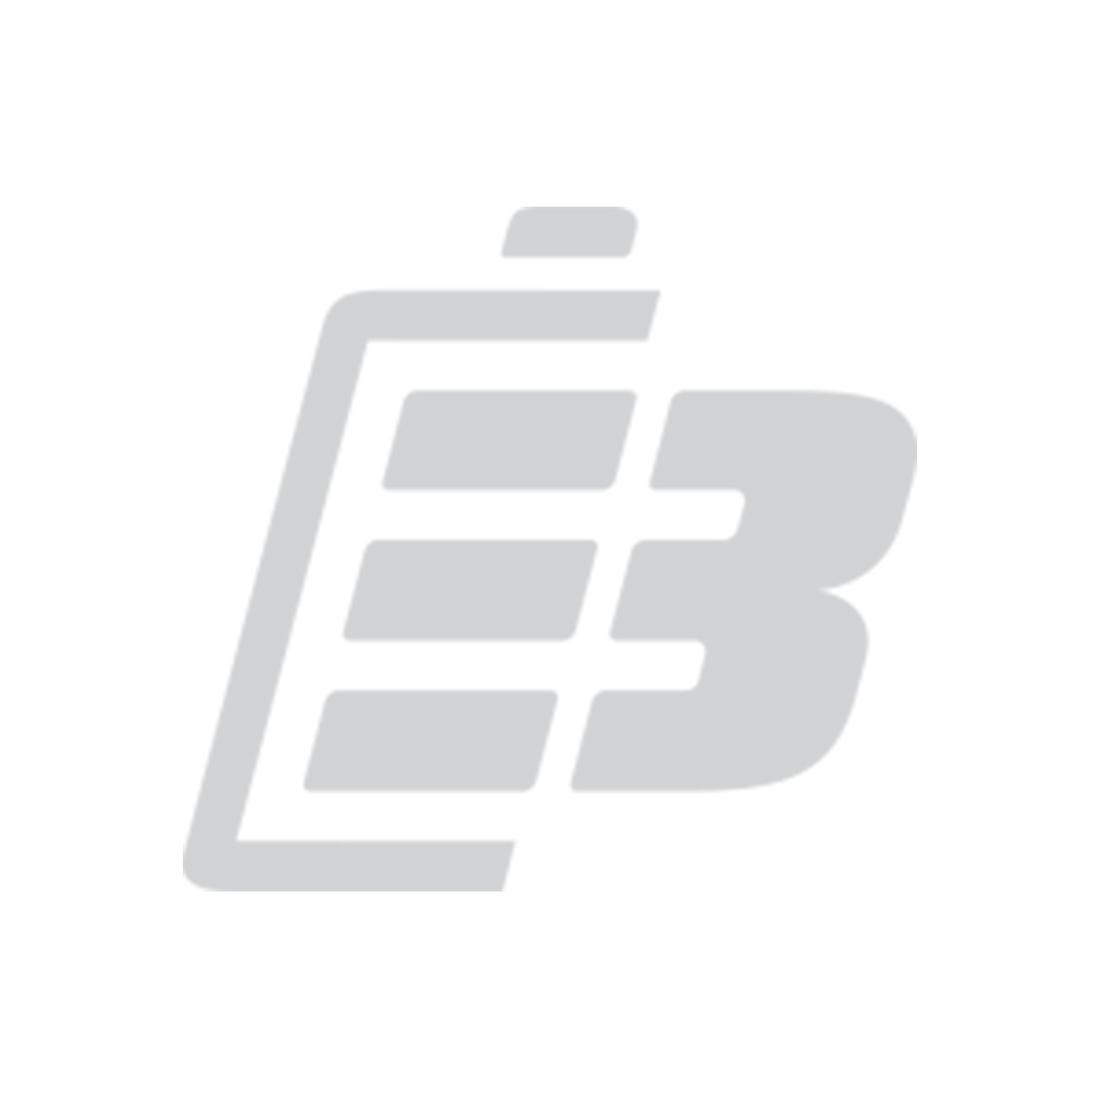 Μπαταρία smartphone Apple iPhone 5C_1